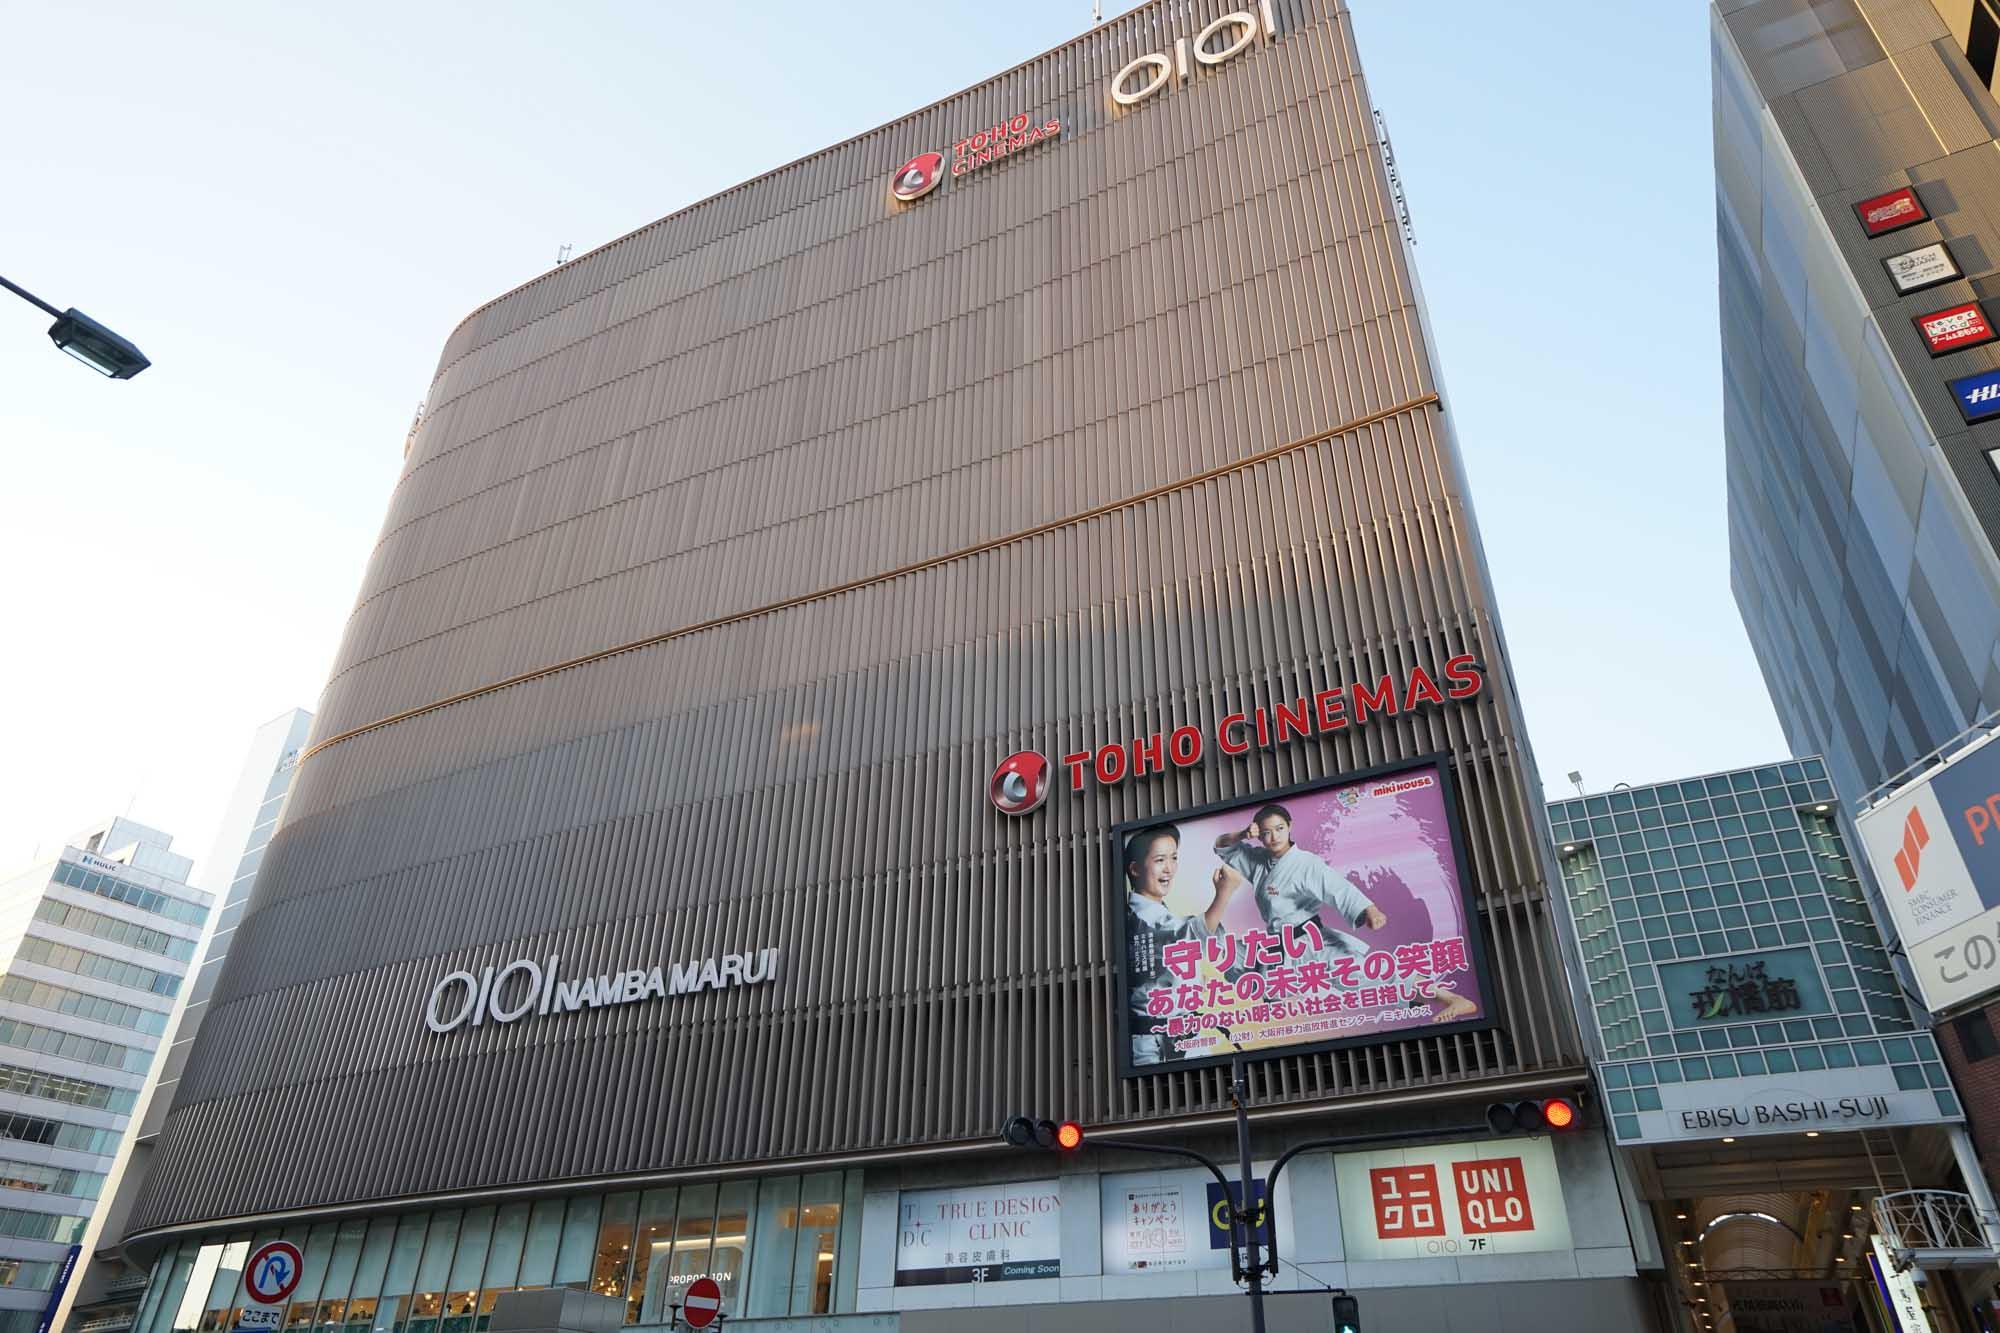 映画館も入るなんばマルイなど、多数のショッピング・エンタメ施設が集結したなんばの駅前へ出られます